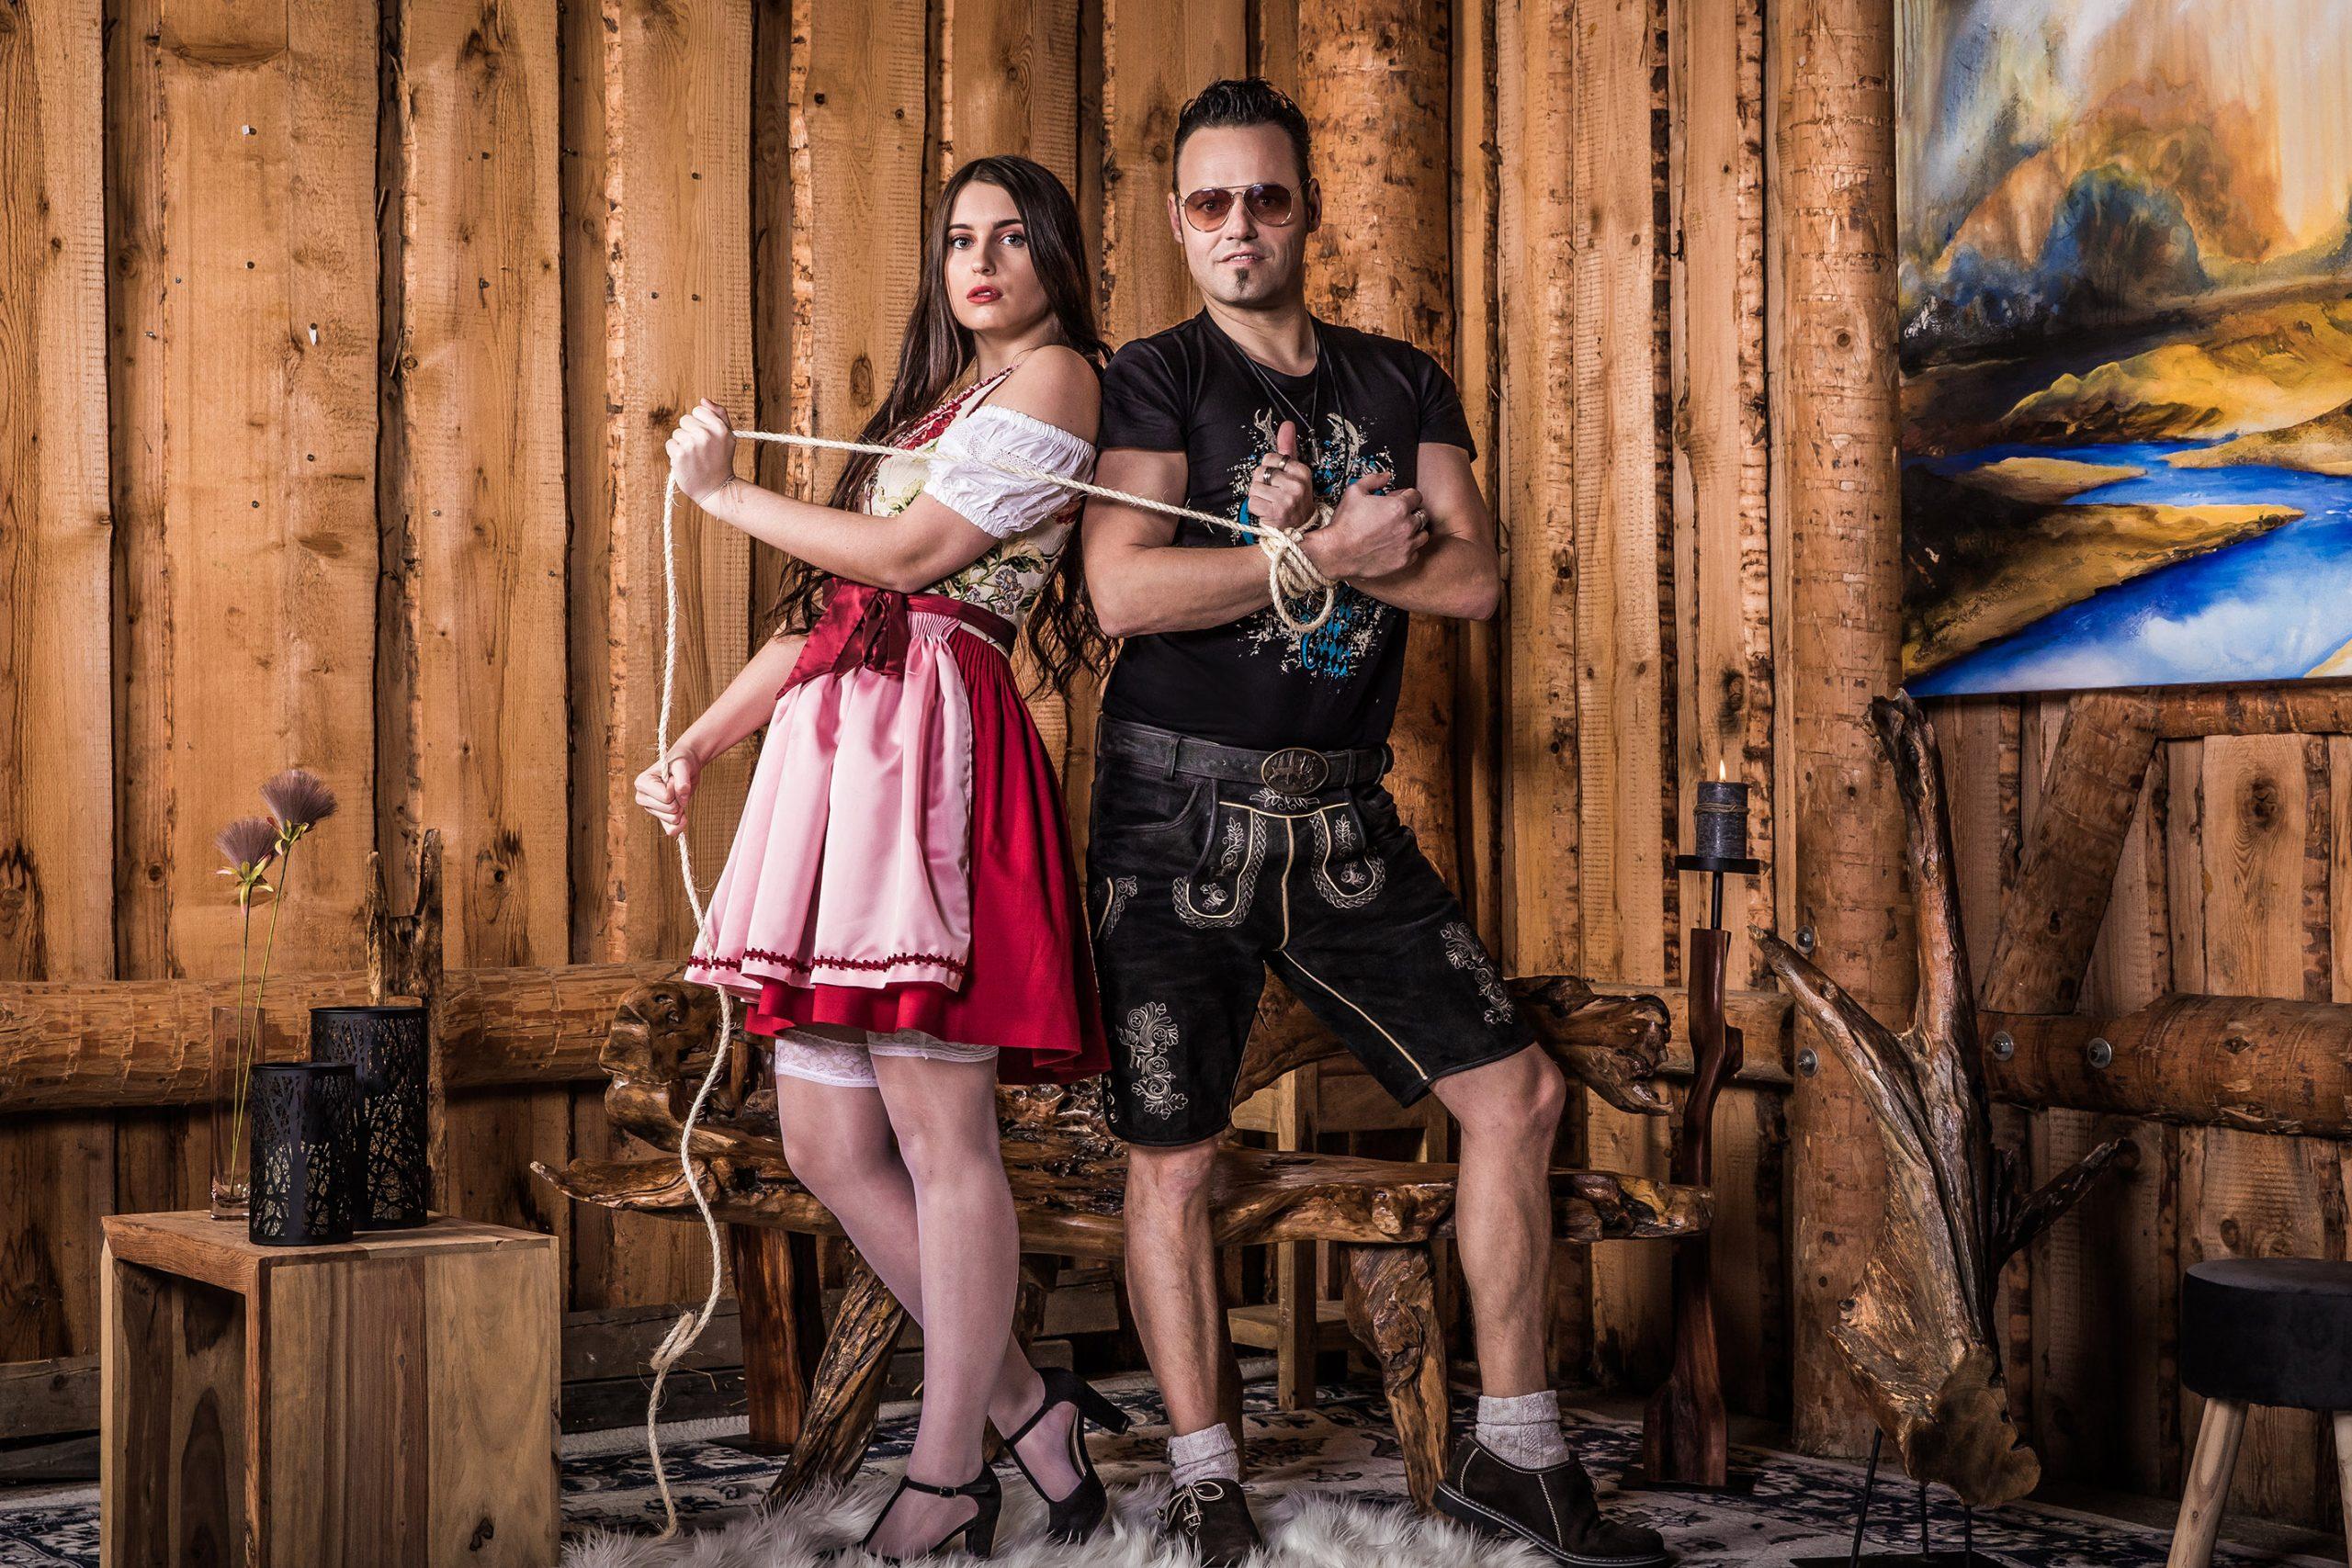 Rockenschaub: Mundart-Schlager mit Poledance-Video